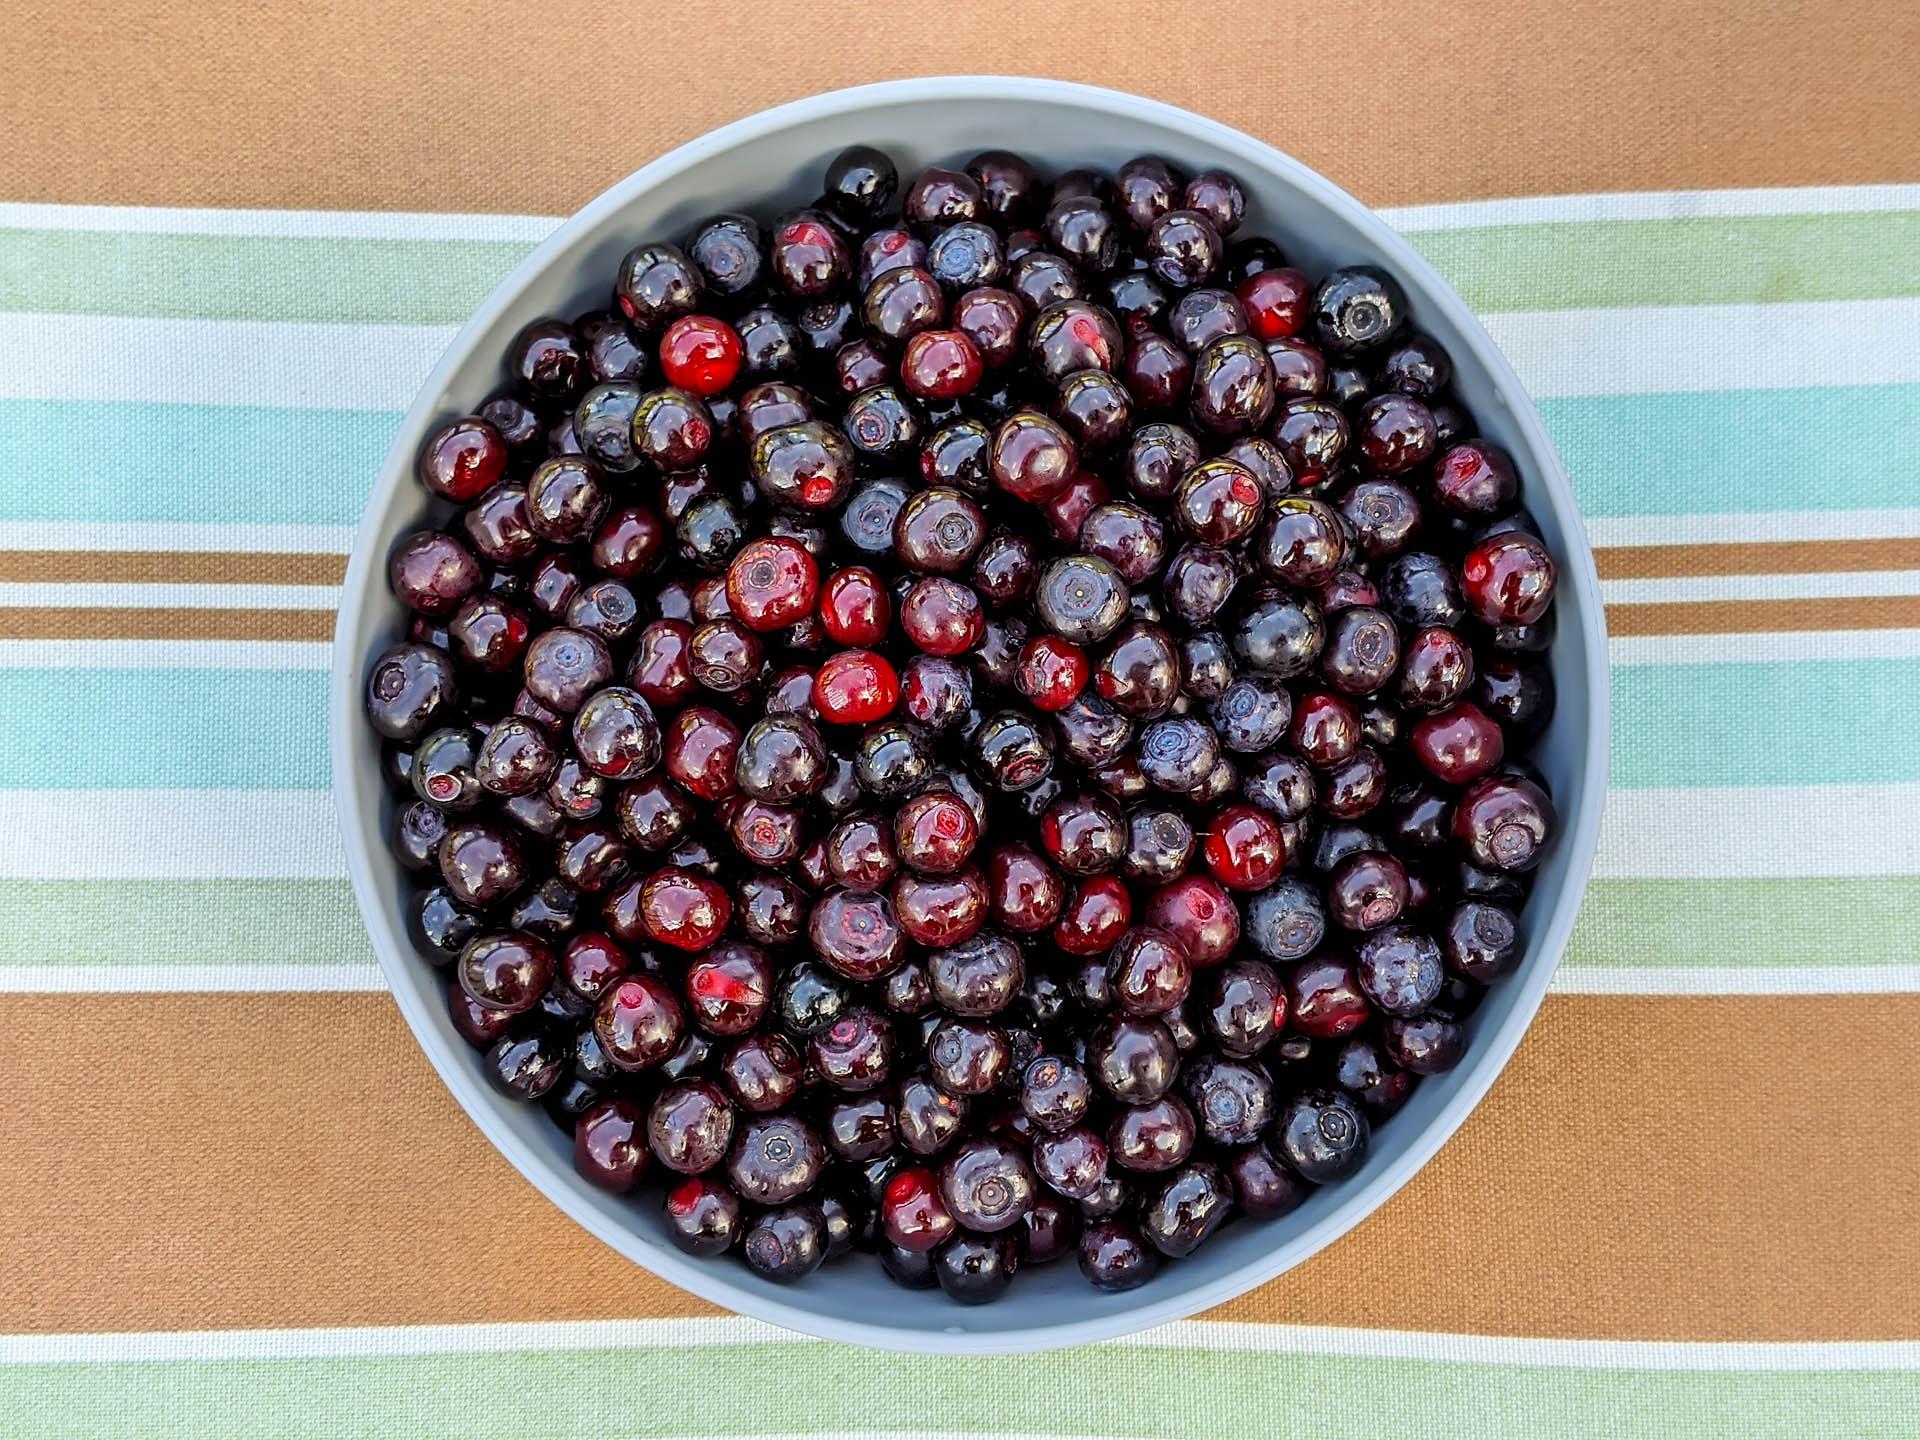 Huckleberry hoard